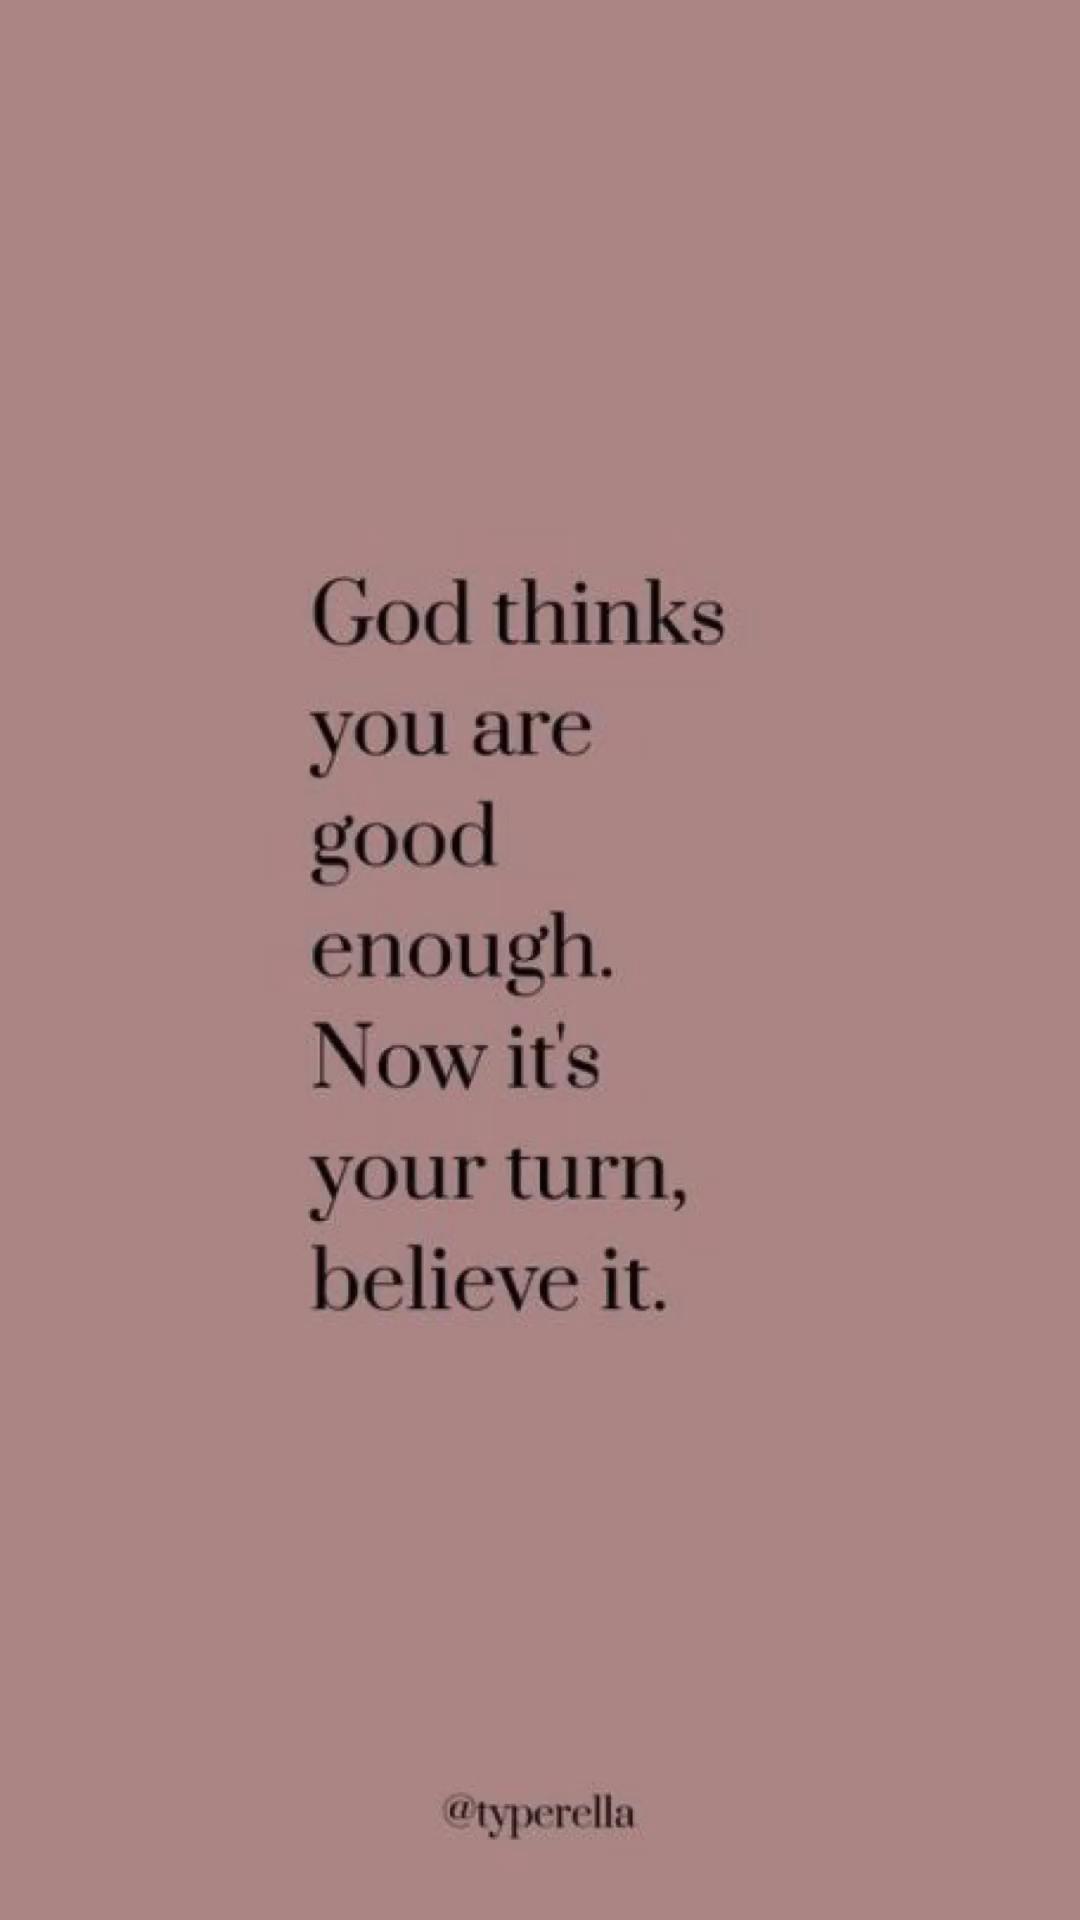 You A R E Good Enough, Don't Let Circumstances Define You